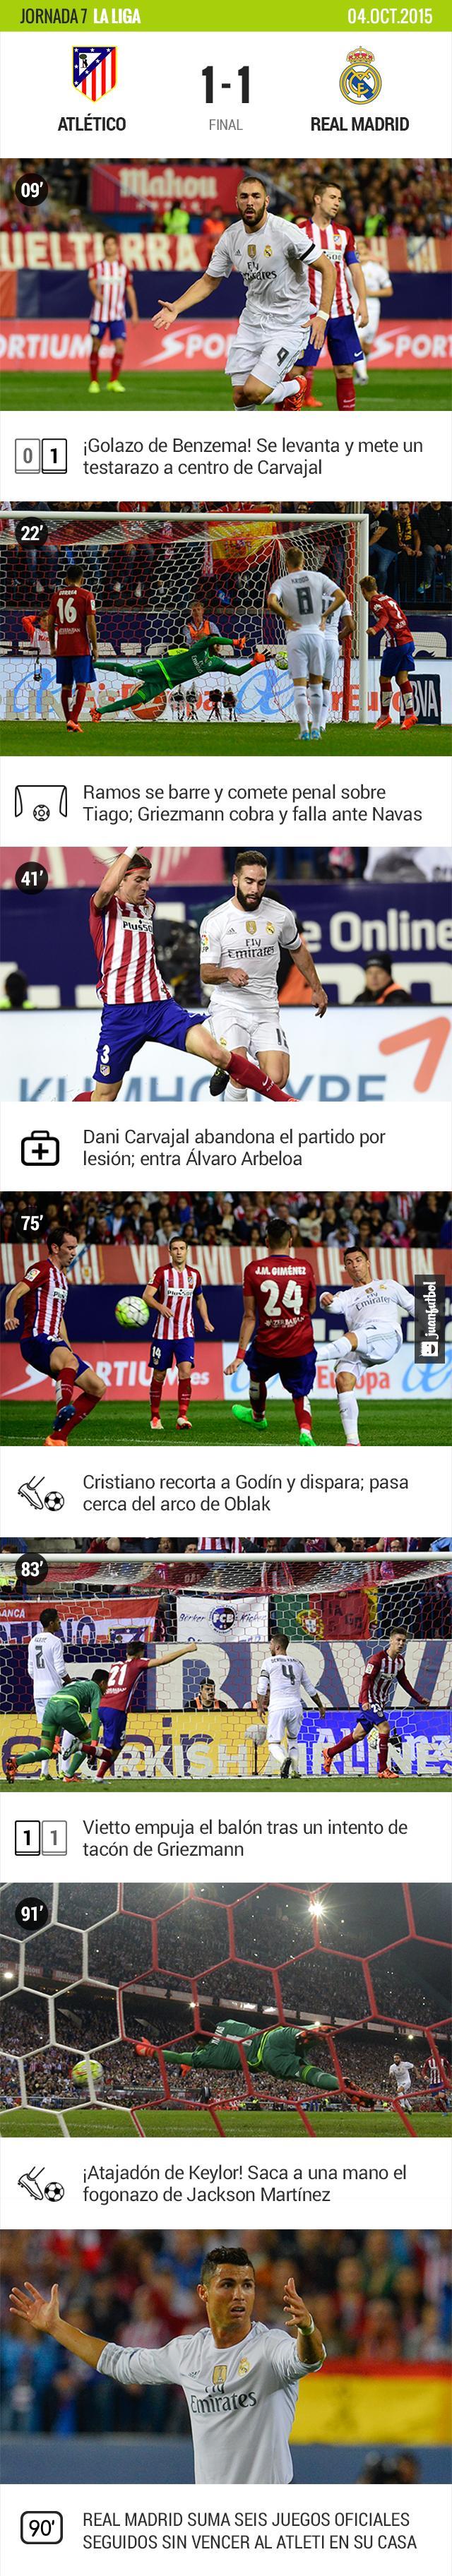 Atlético de Madrid empata 1-1 con el Real Madrid. Los goles estuvieron a cargo de Benzema y Vietto